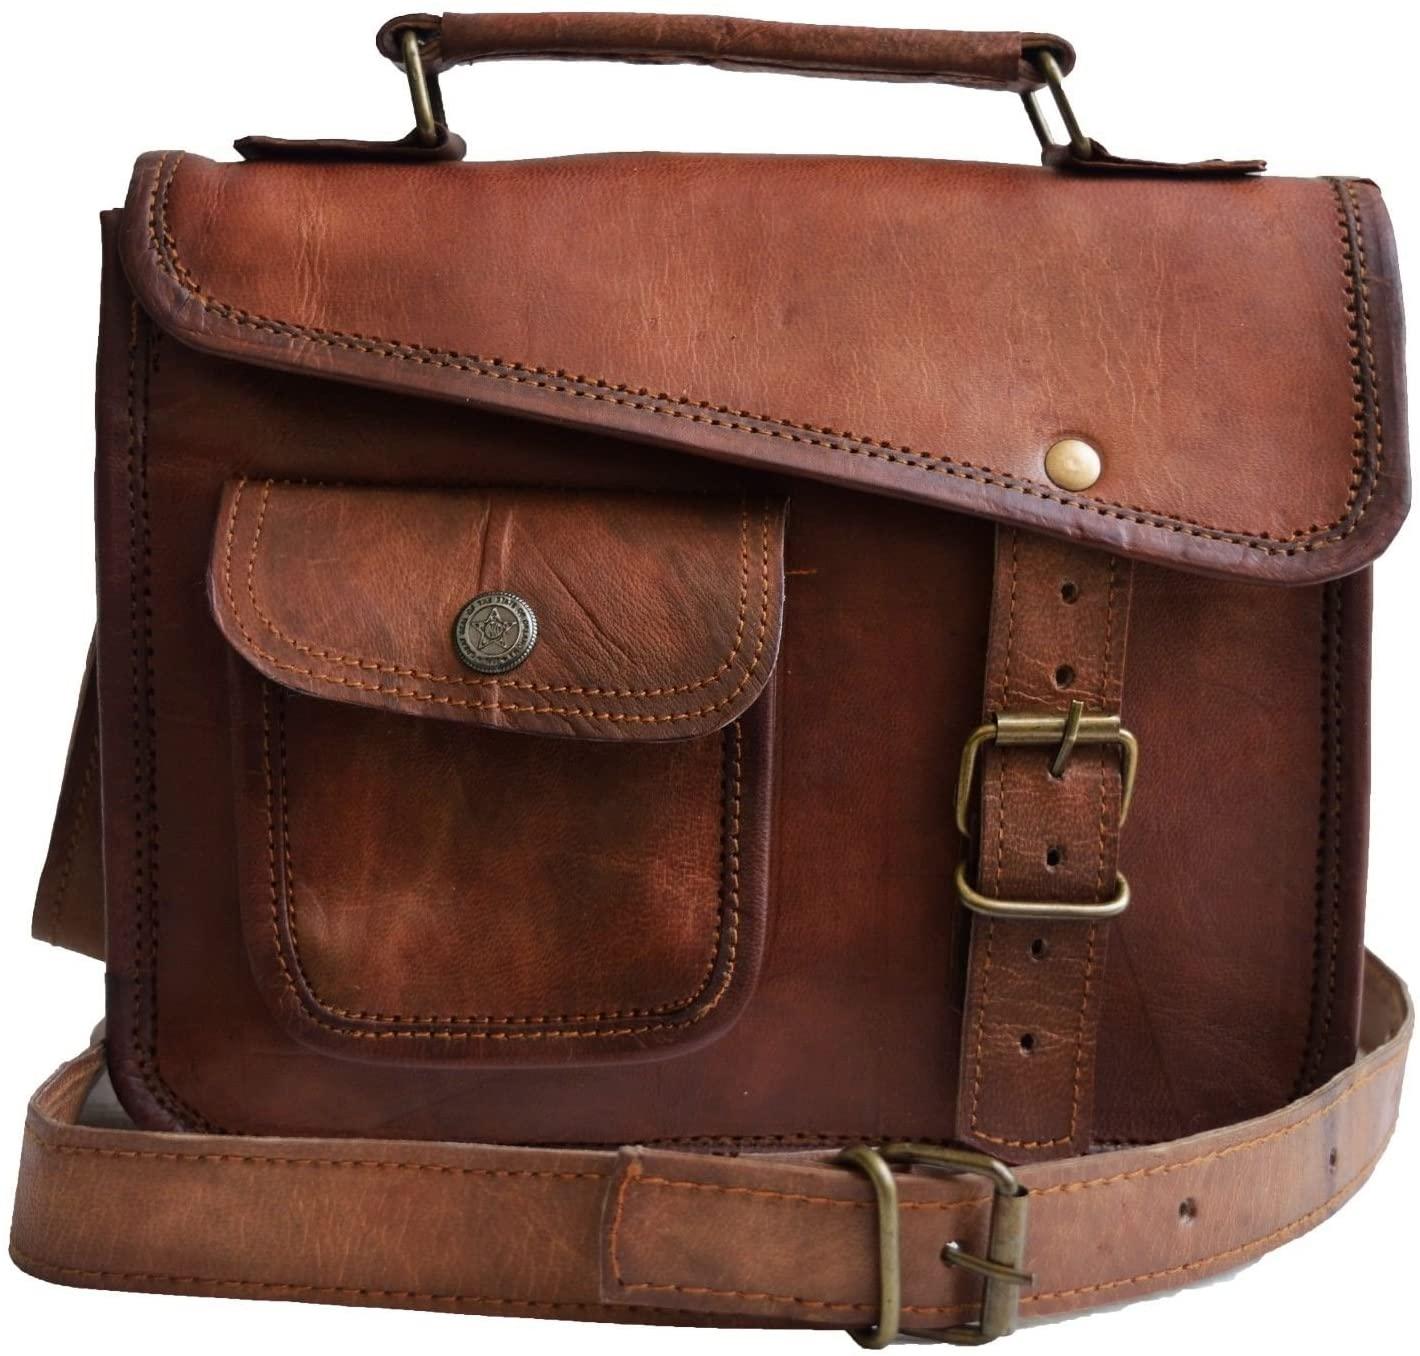 Jaald Mens Leather Messenger Bag Shoulder Bag Vintage Satchel Man Purse Brown